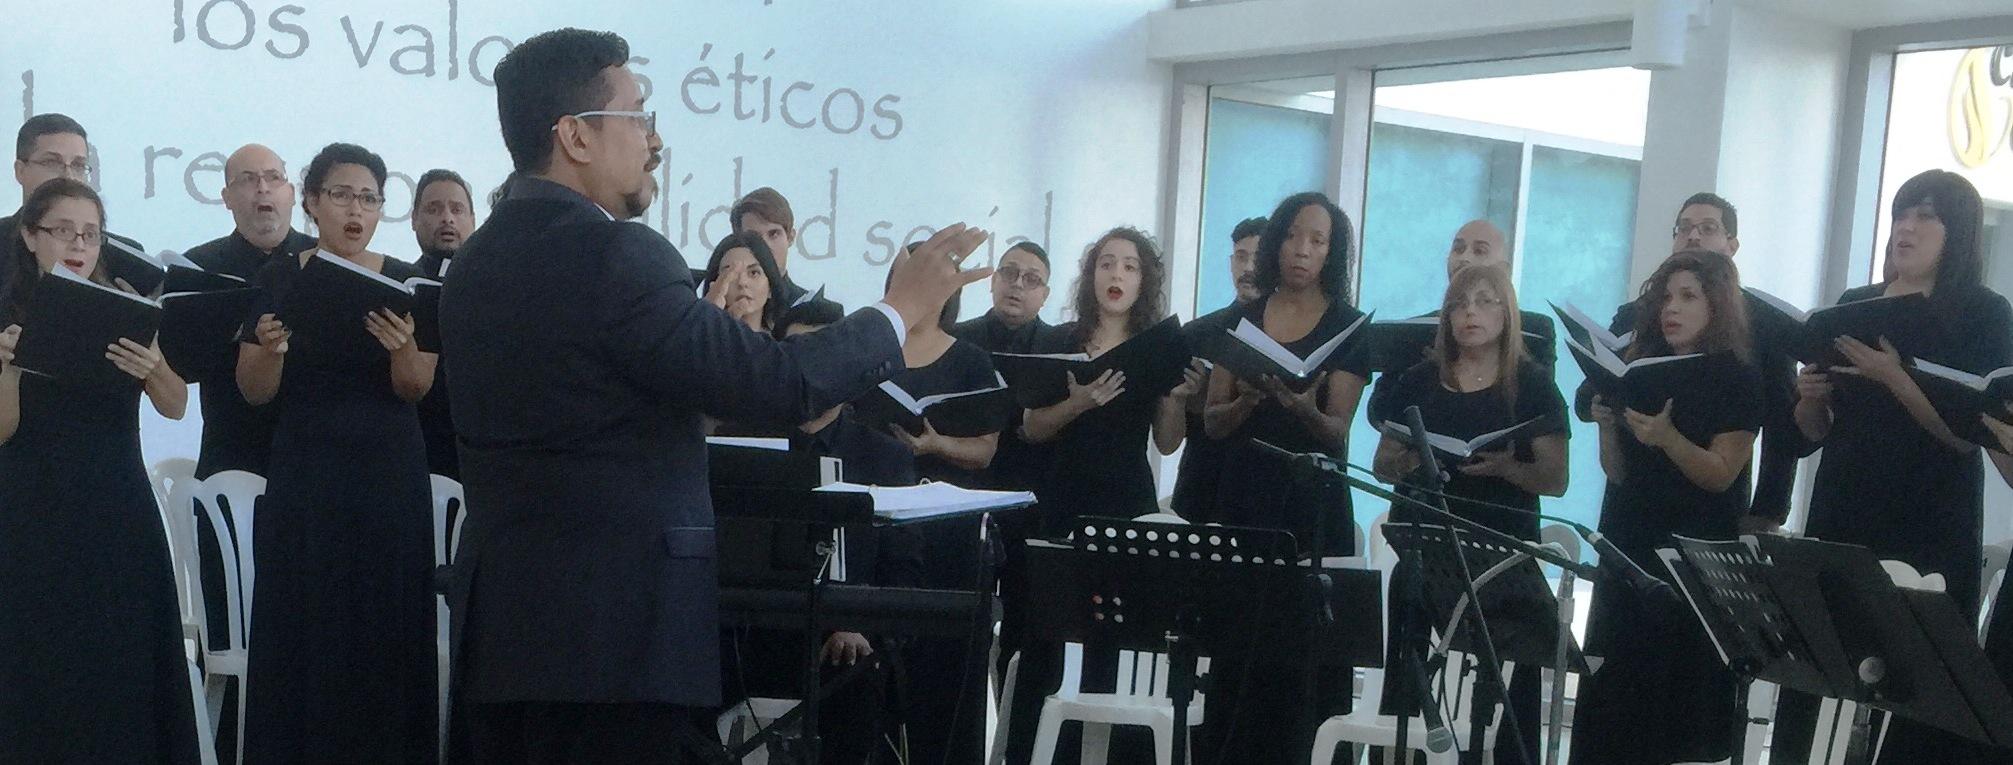 """El concierto """"La pequeña Venecia es música"""" inició su programa bajo la dirección de Guarionex Morales Matos. (Foto Alina Marrero para Fundación Nacional para la Cultura Popular)"""